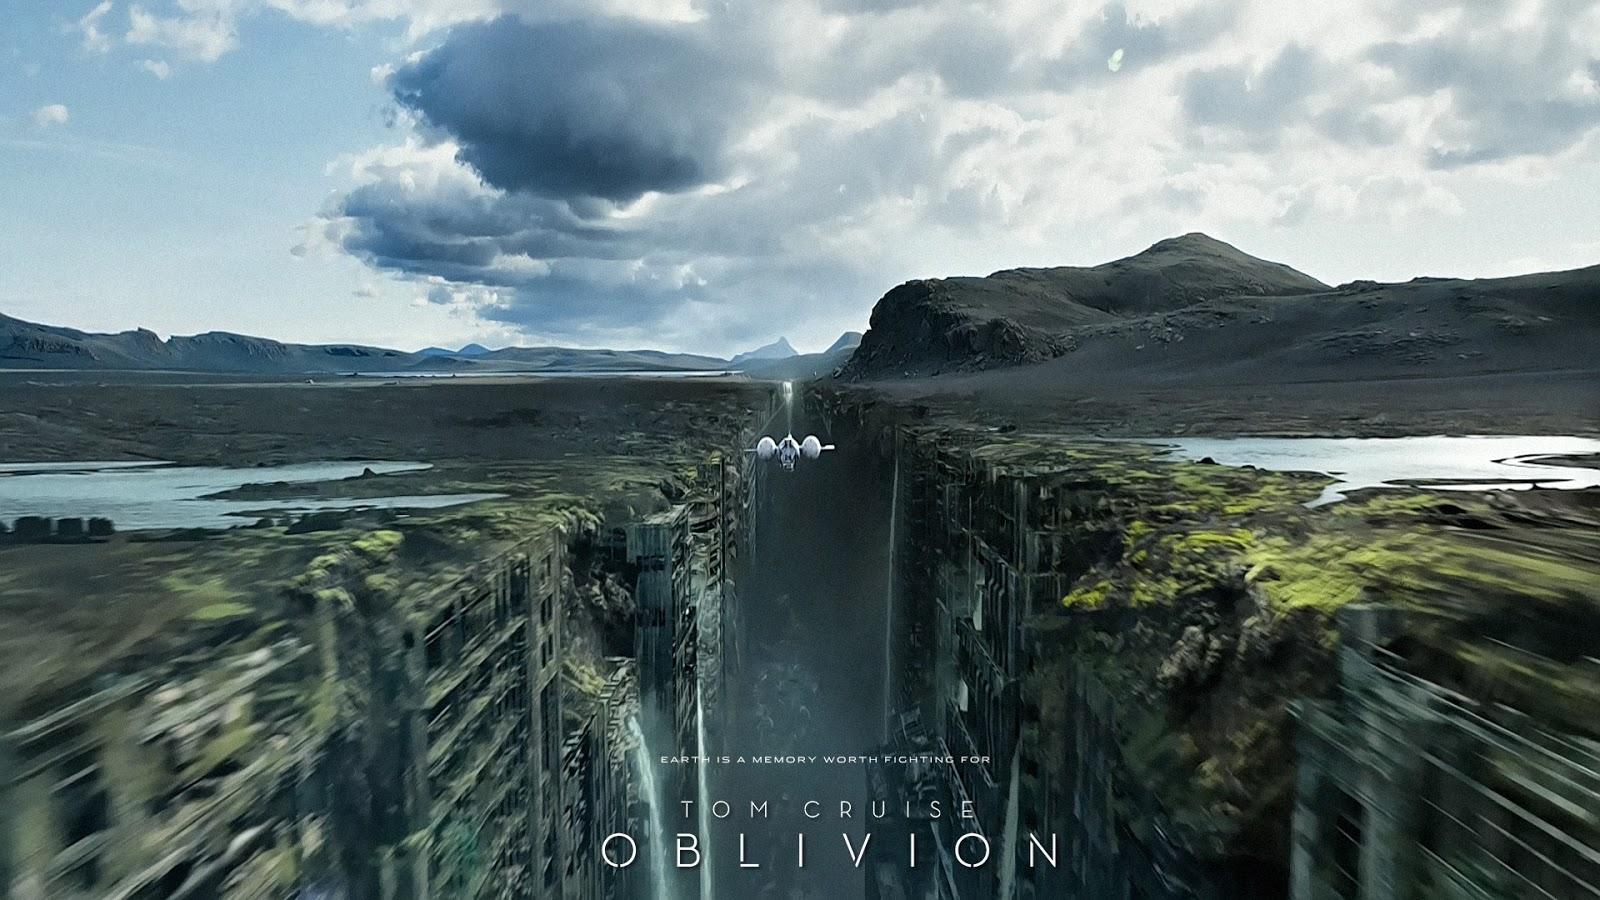 http://4.bp.blogspot.com/-DQC683hzOAQ/UWMshVgSXhI/AAAAAAAAAS8/xZ6jnatExRg/s1600/Oblivion-Movie-2013-Wallpaper-HD1.jpg